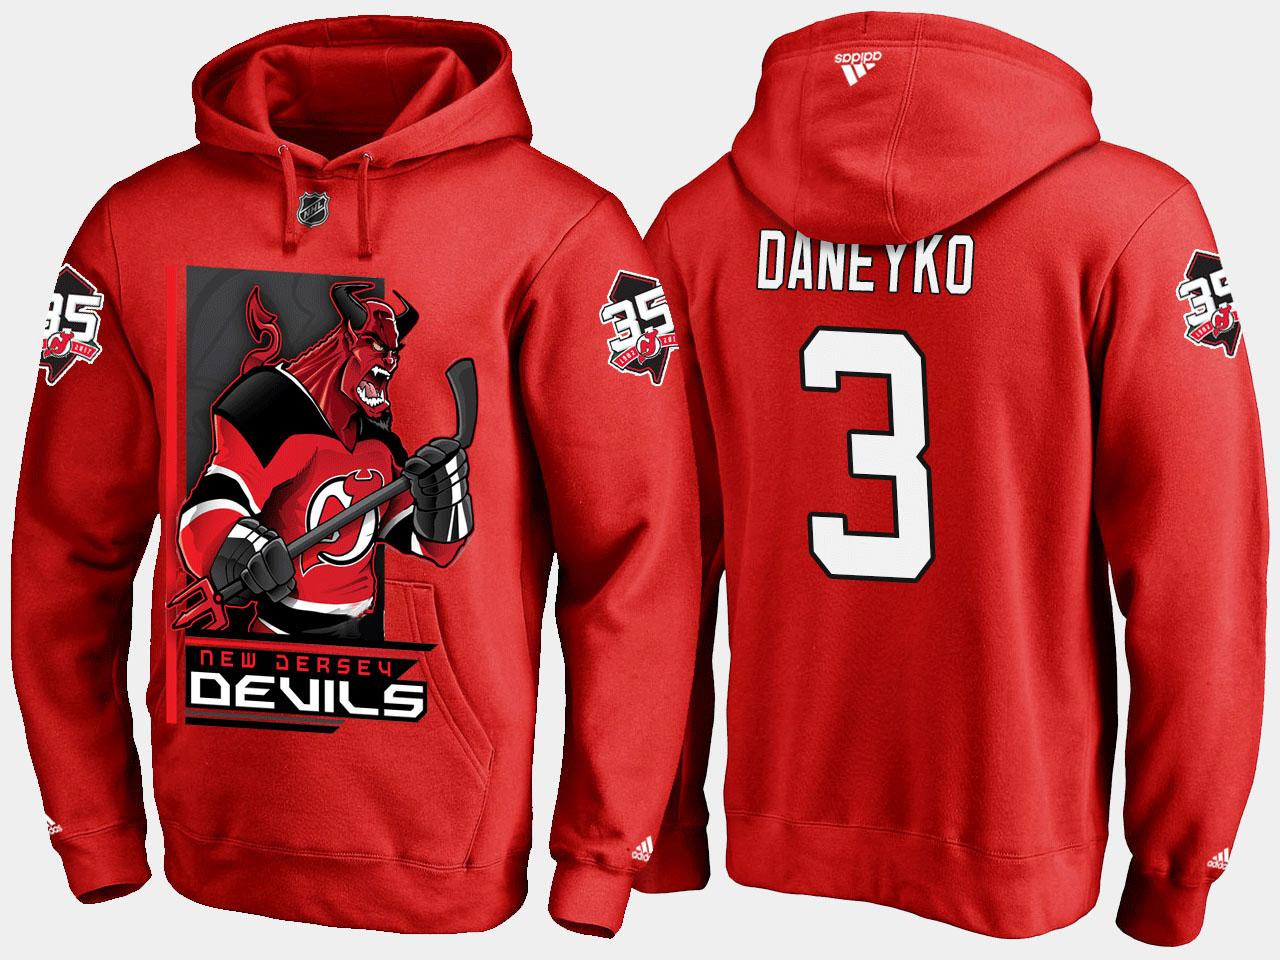 Men's New Jersey Devils Red Ken Daneyko Cartoon Hoodie